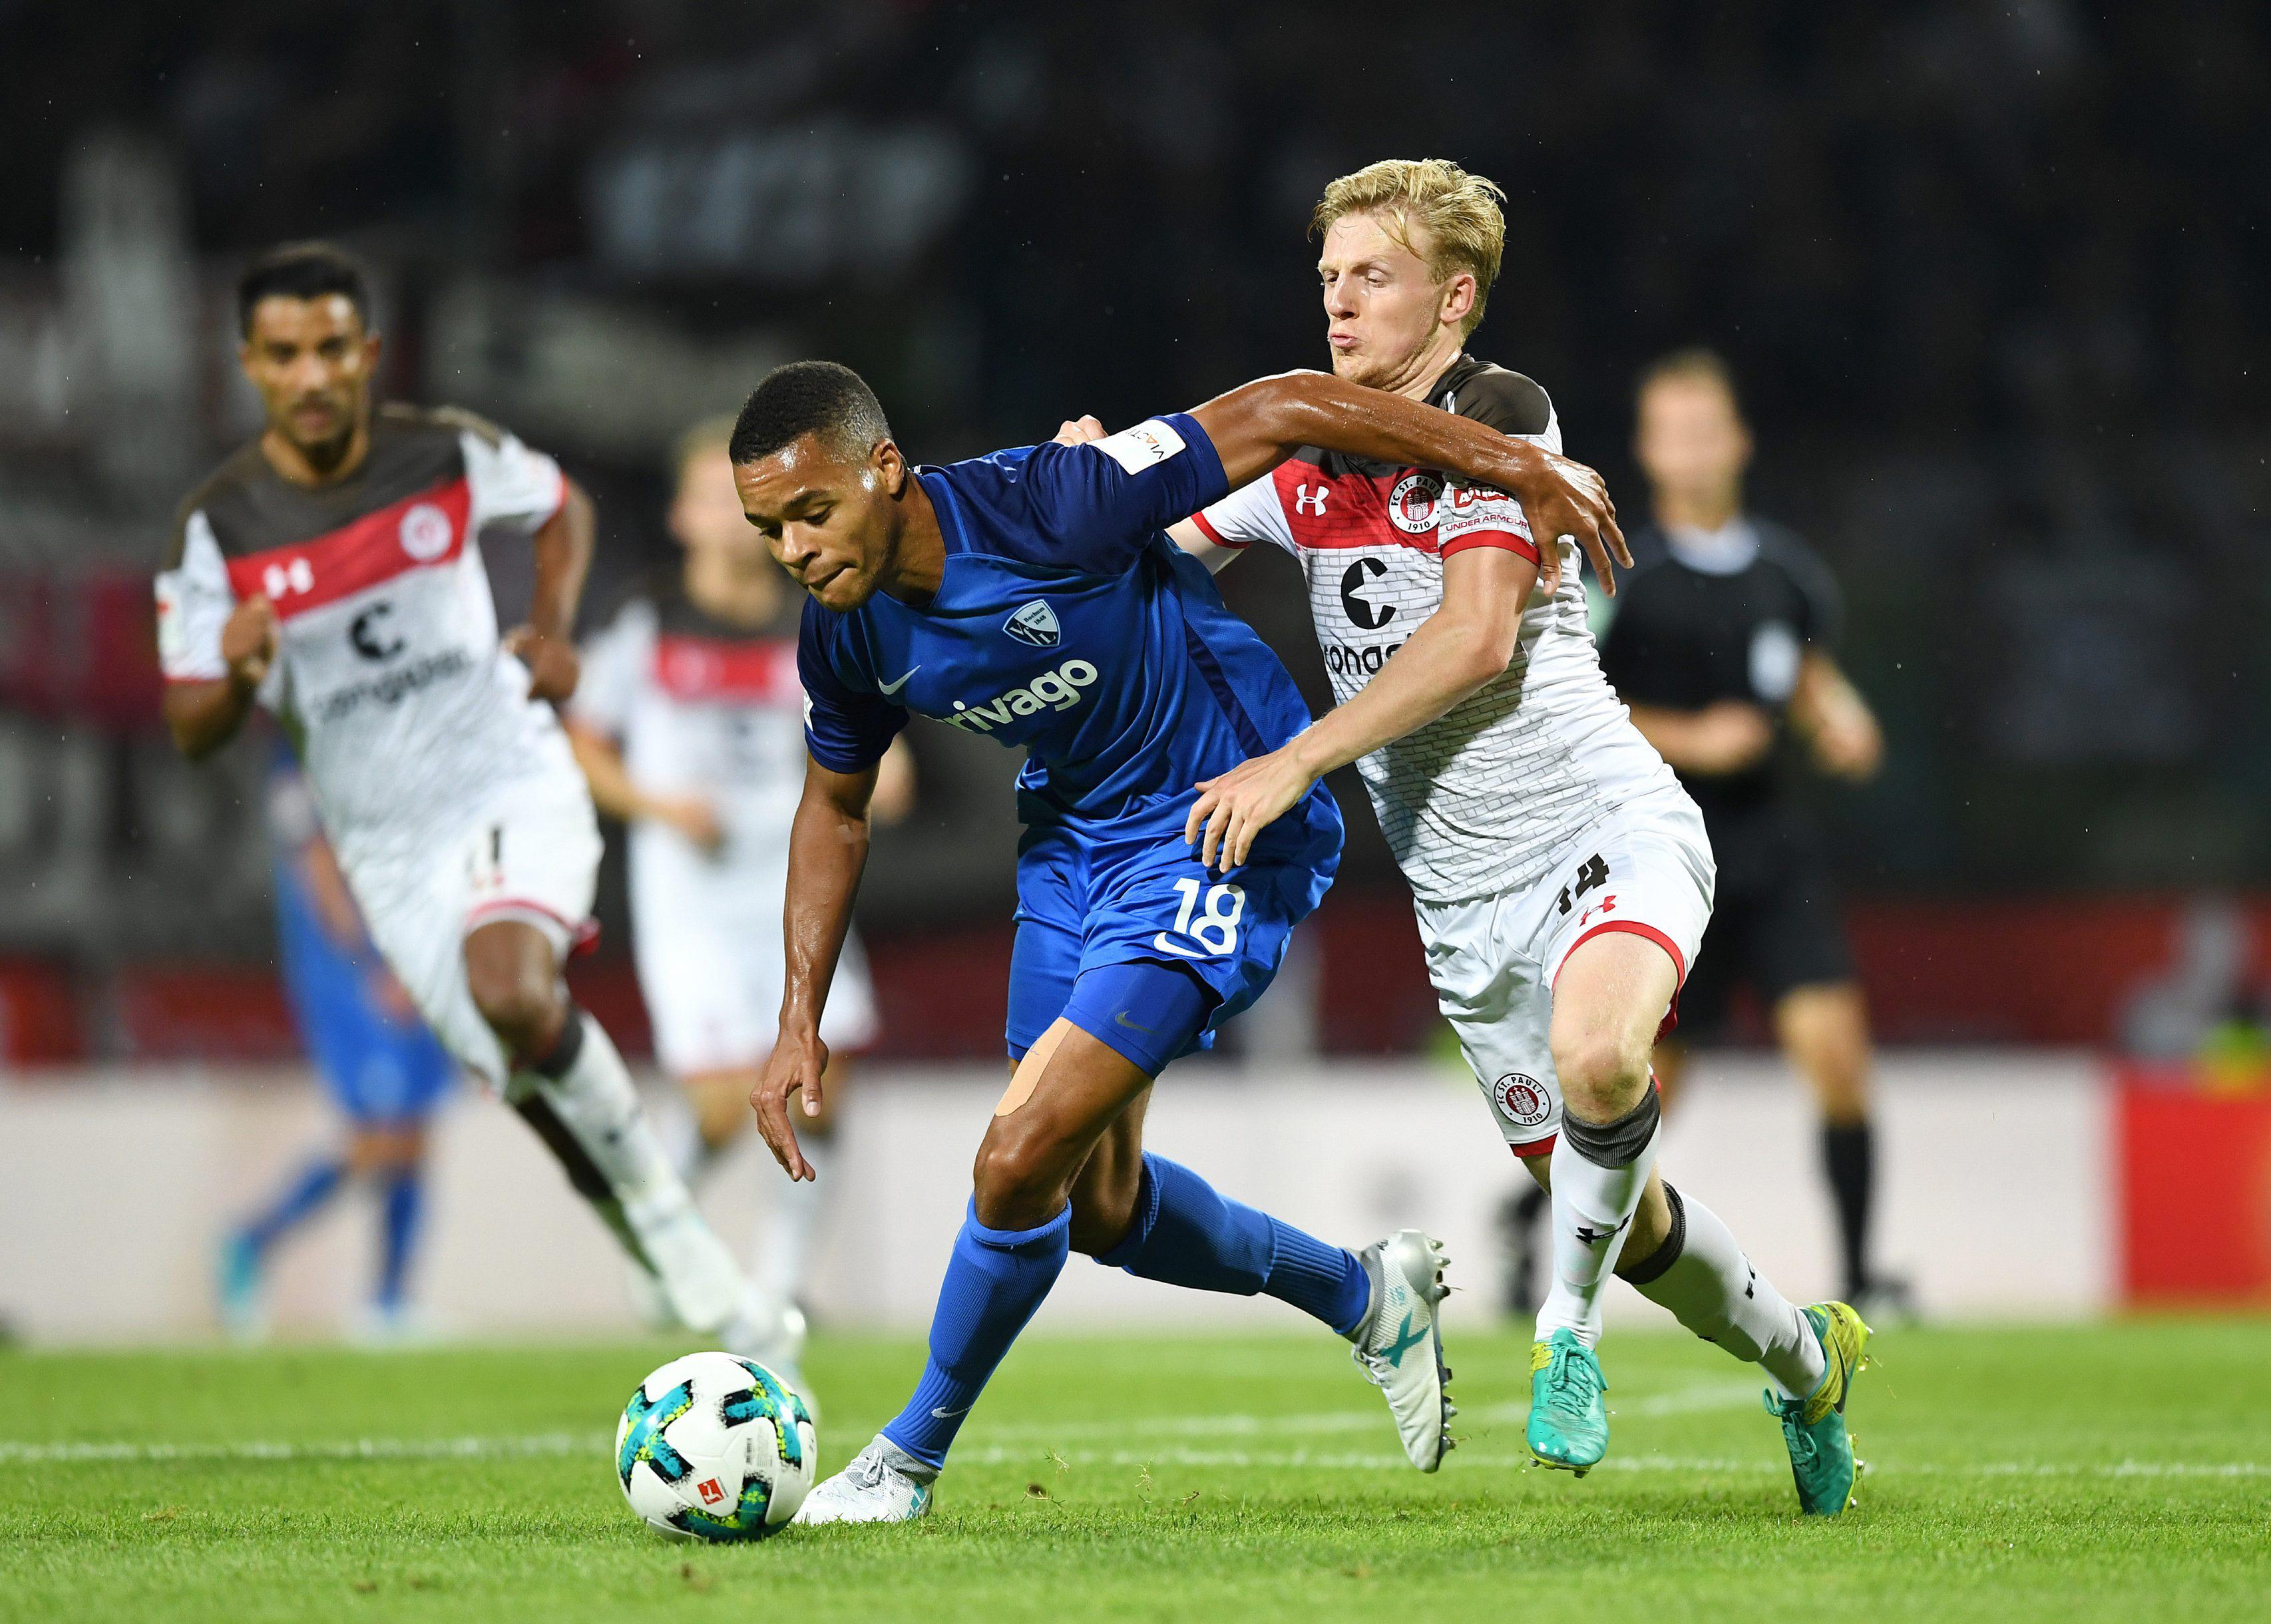 Weitere Tickets für das Heimspiel gegen den VfL Bochum